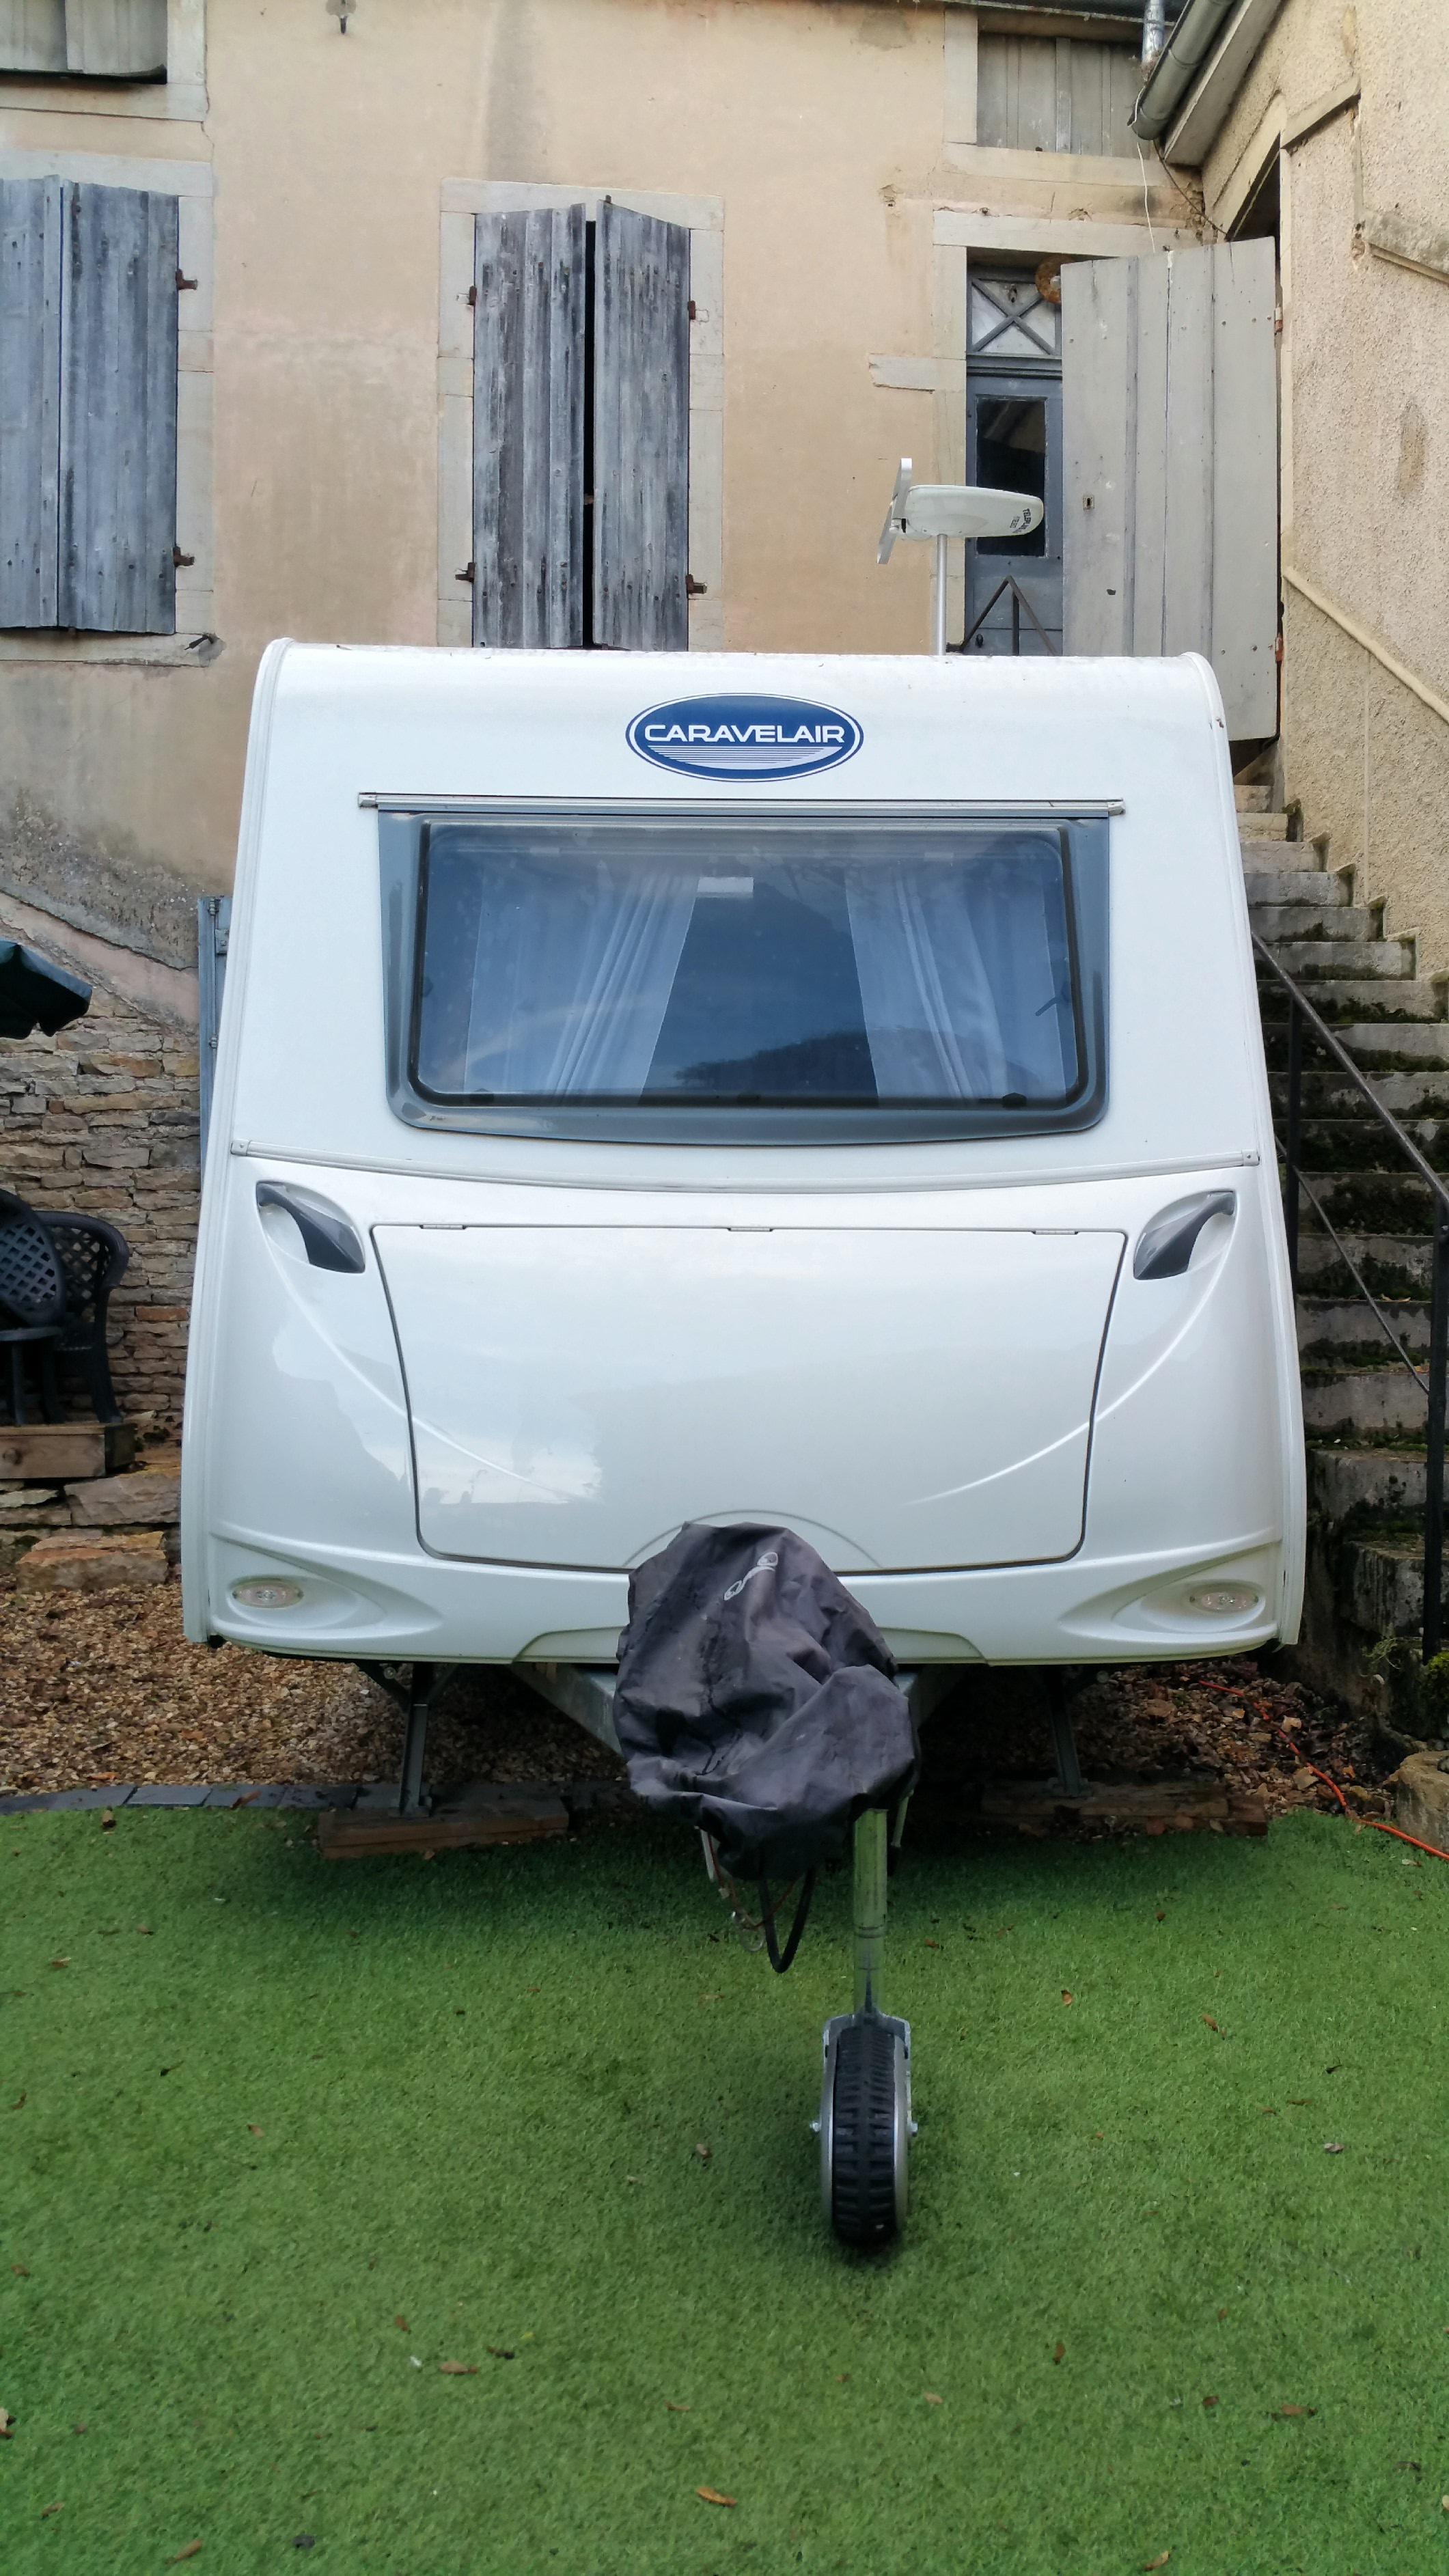 caravane occasion franche comt annonces de caravane. Black Bedroom Furniture Sets. Home Design Ideas